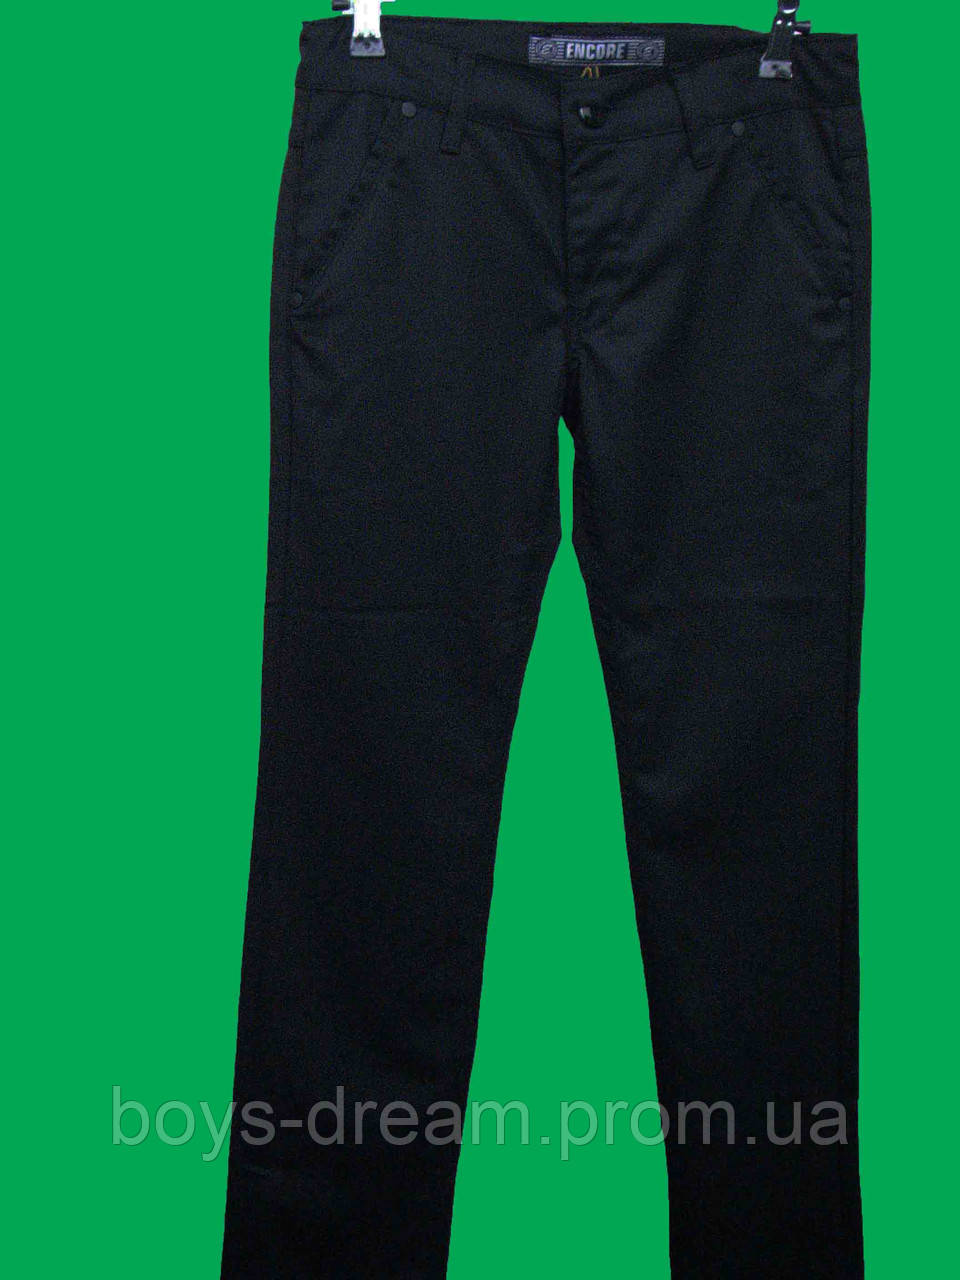 Классические брюки для мальчика 152-164 (Турция)